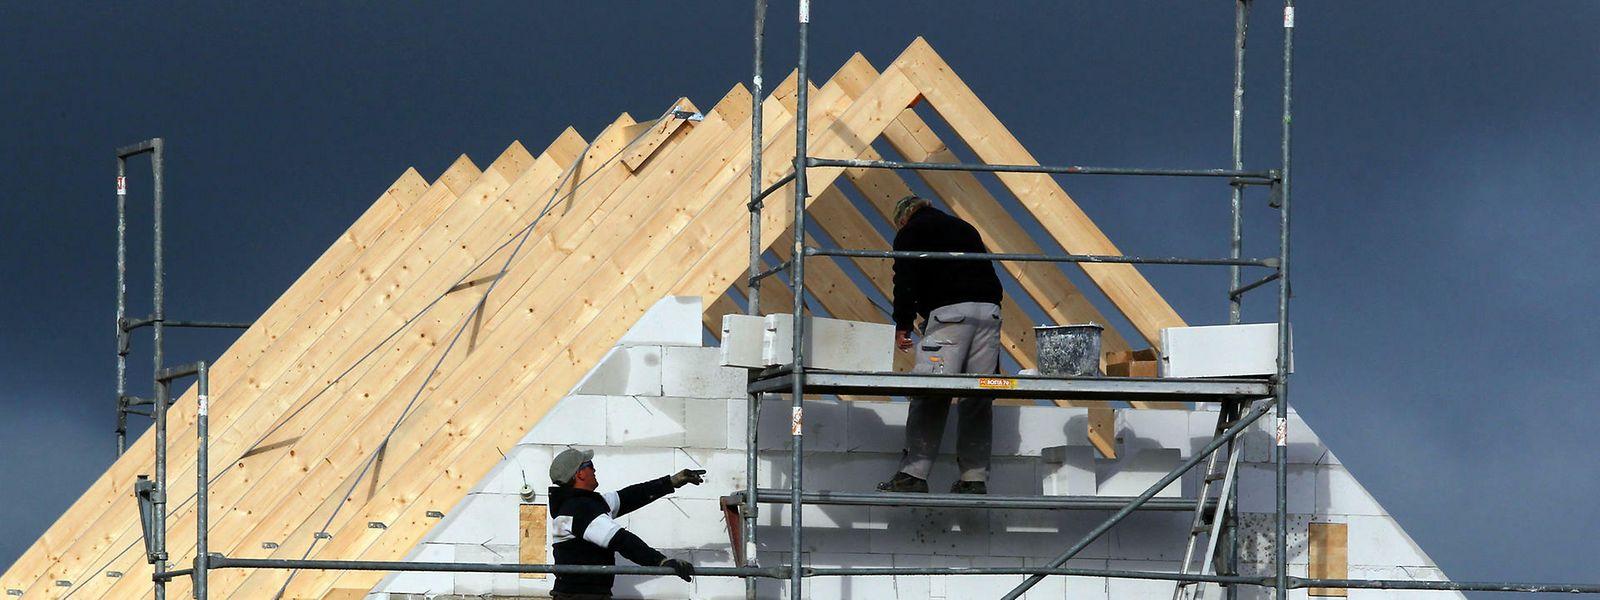 Sur les 10,7 millions d'euros de subsides versés depuis juin 2020, plus de la moitié concernent des constructions neuves, indique Carole Dieschbourg, ministre de l'Environnement.